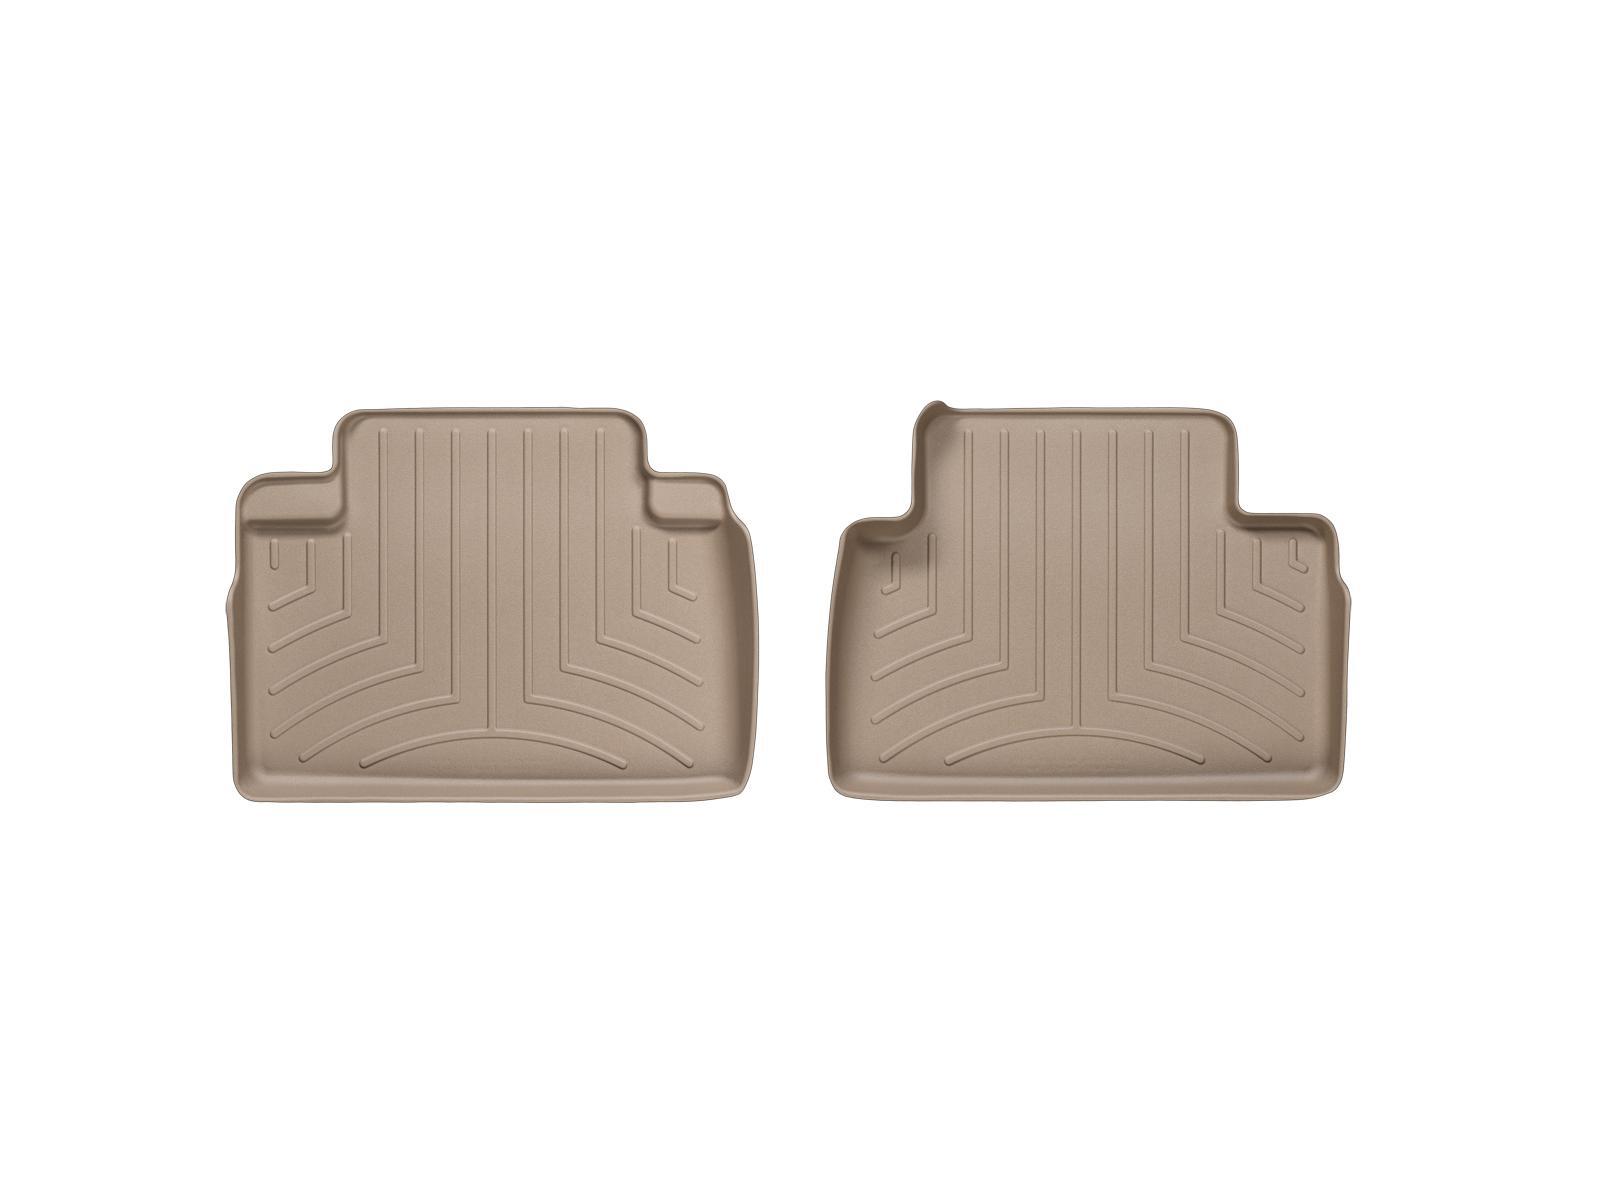 Tappeti gomma su misura bordo alto Infiniti FX 08>12 Marrone A1521